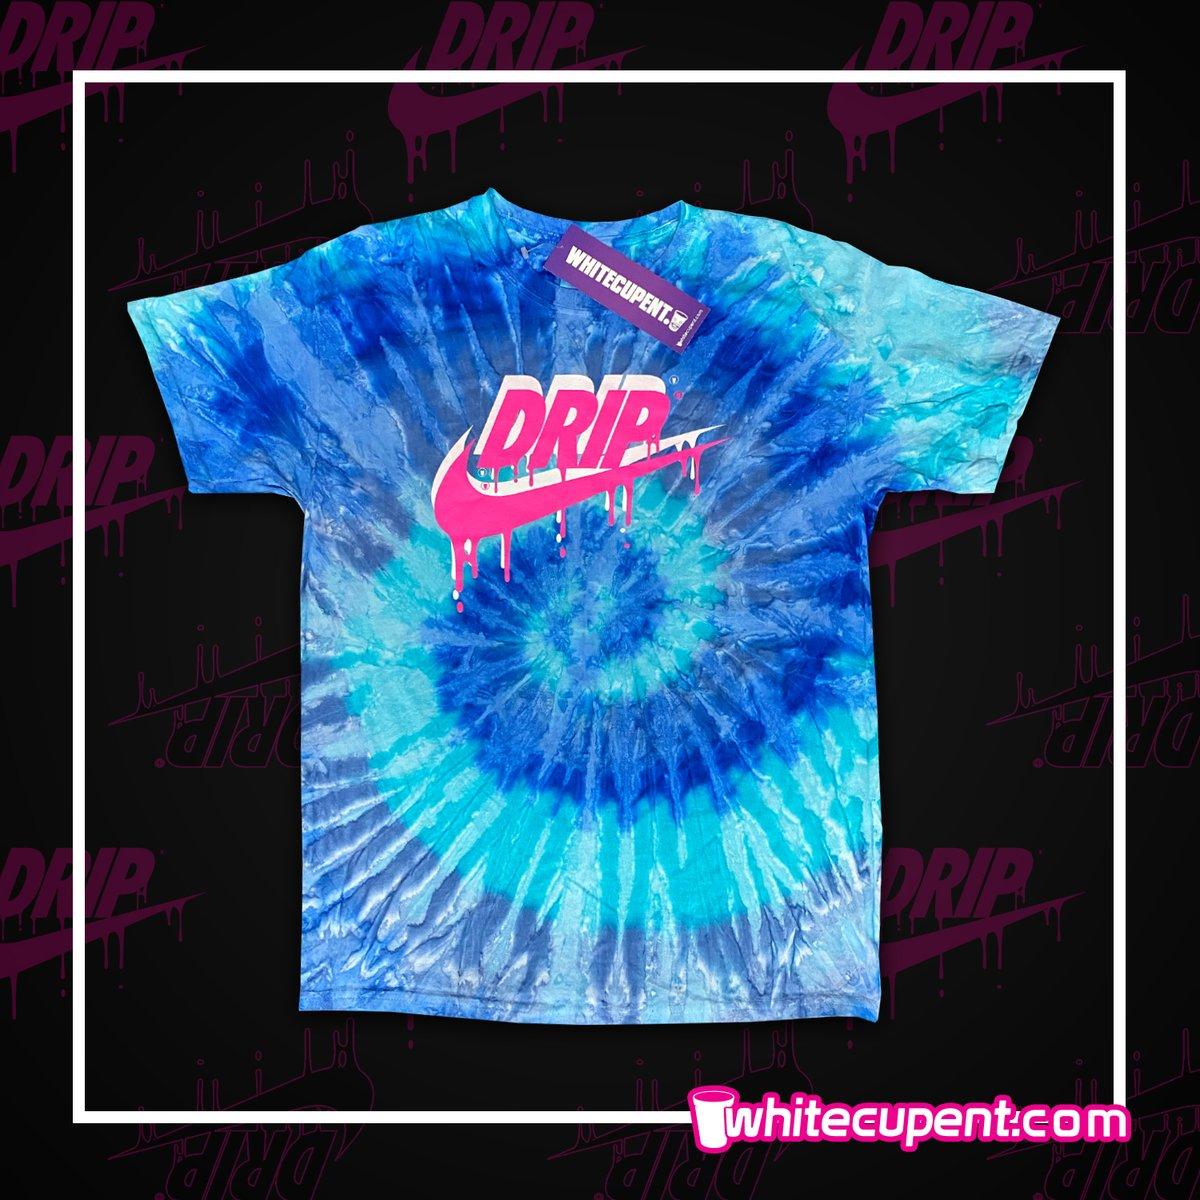 Tie-Dye Nike DRIP tee